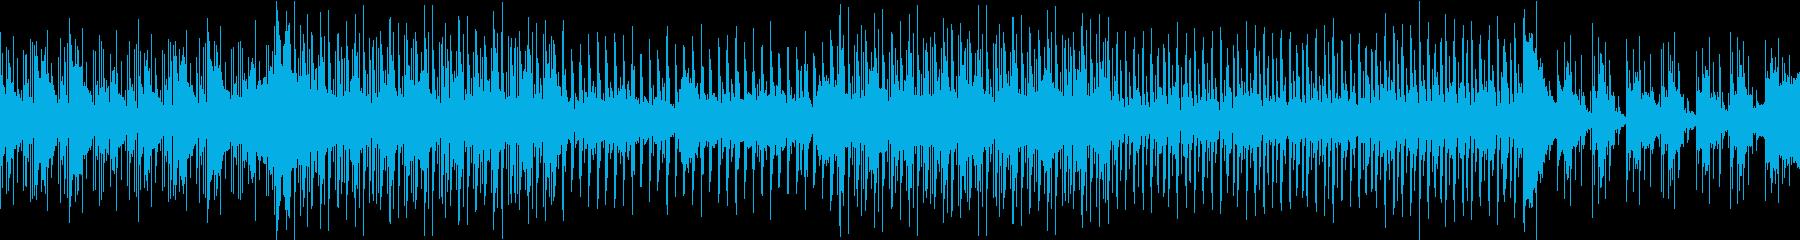 幻想的なシンセ・ハウス(ループ可能)の再生済みの波形